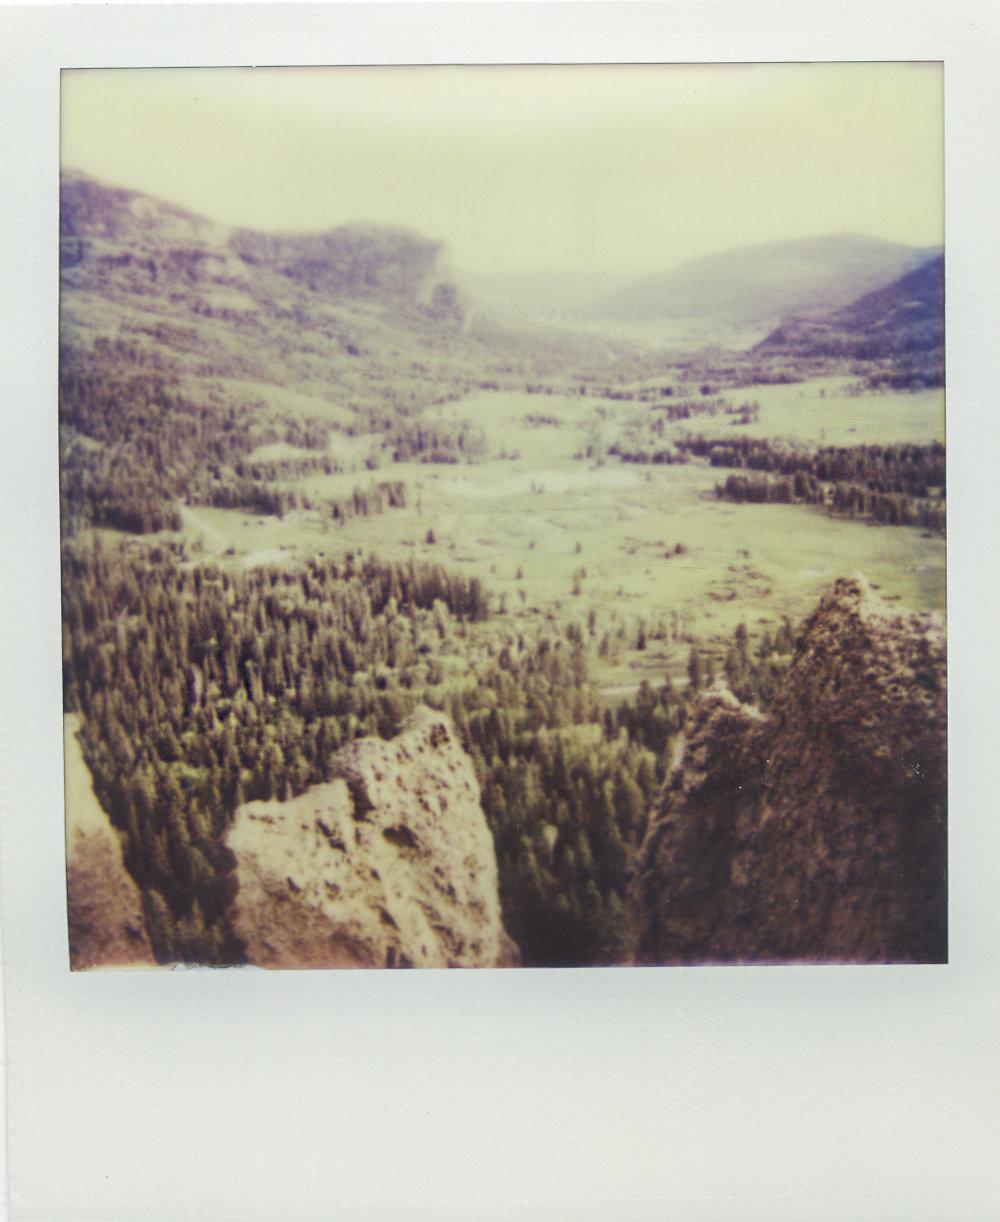 Wolf creek pass, Colorado